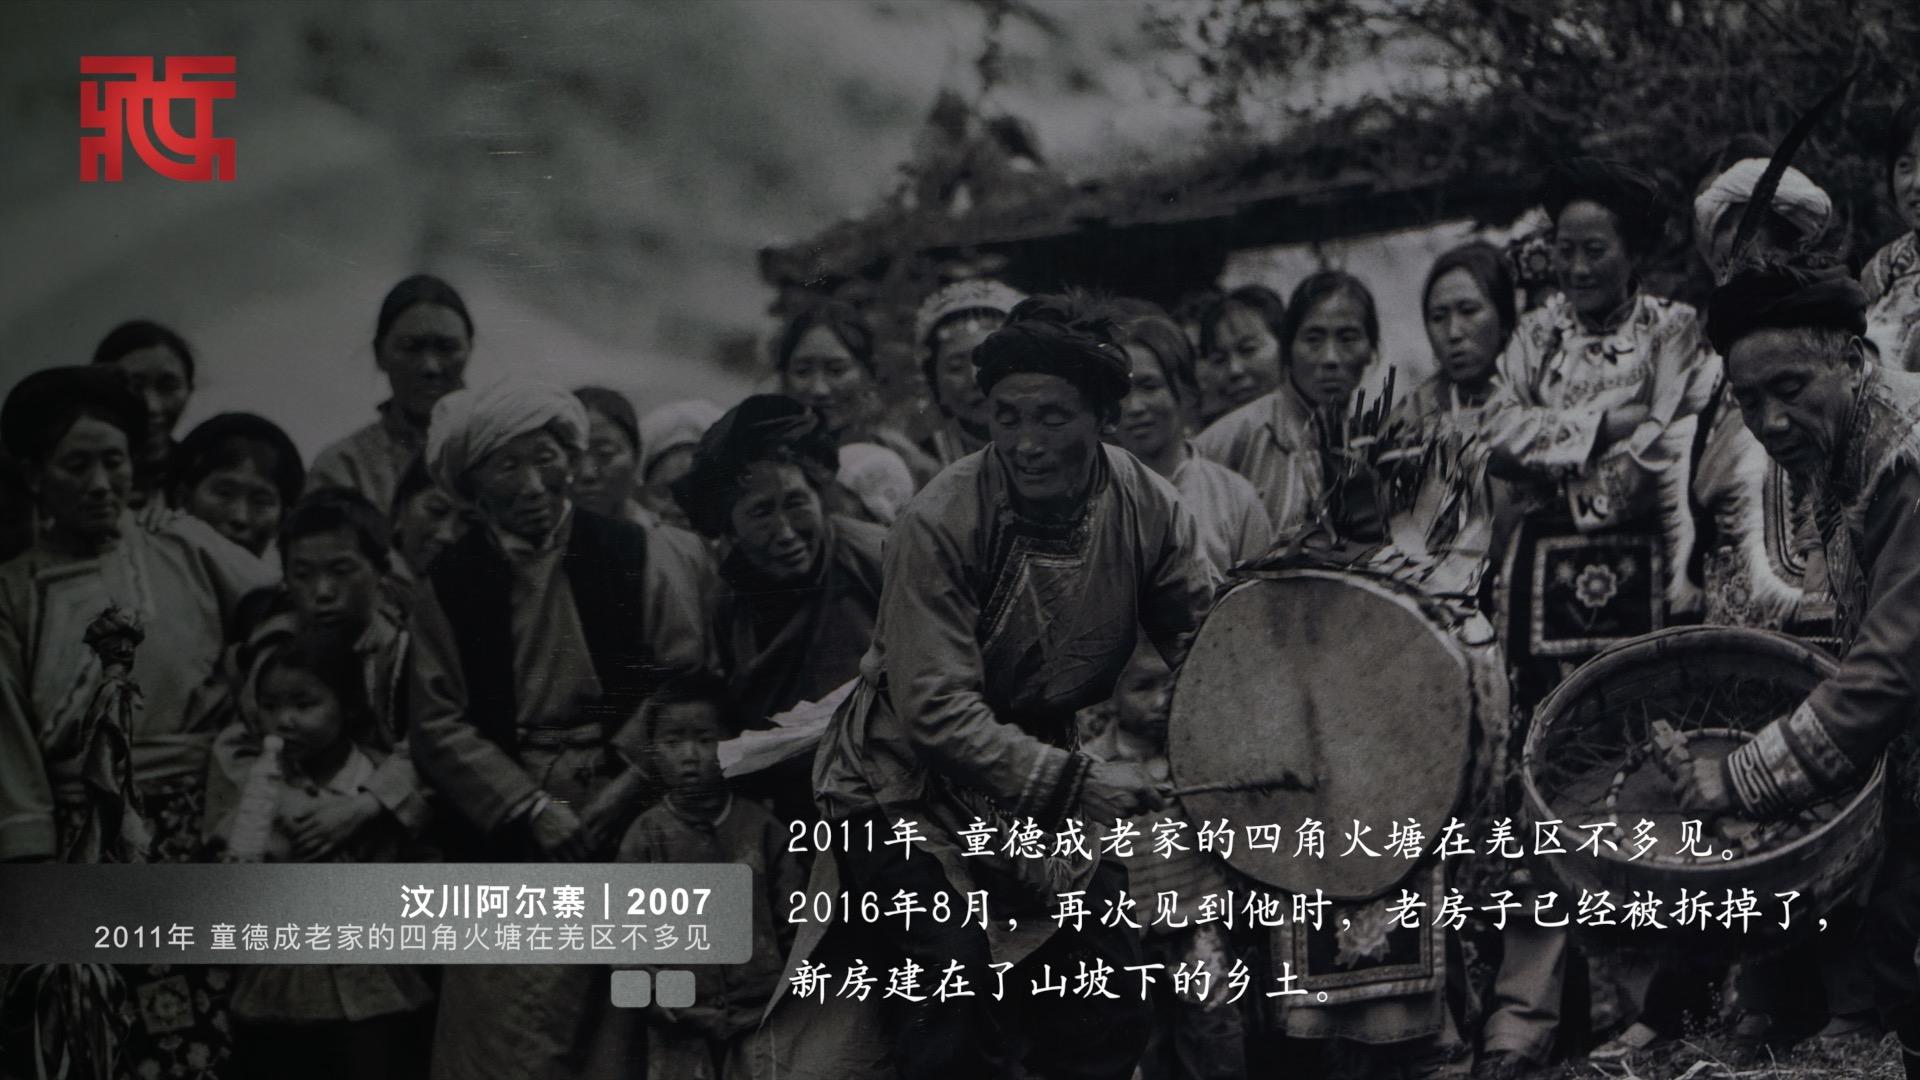 民族影像记录改革开放40年难忘瞬间